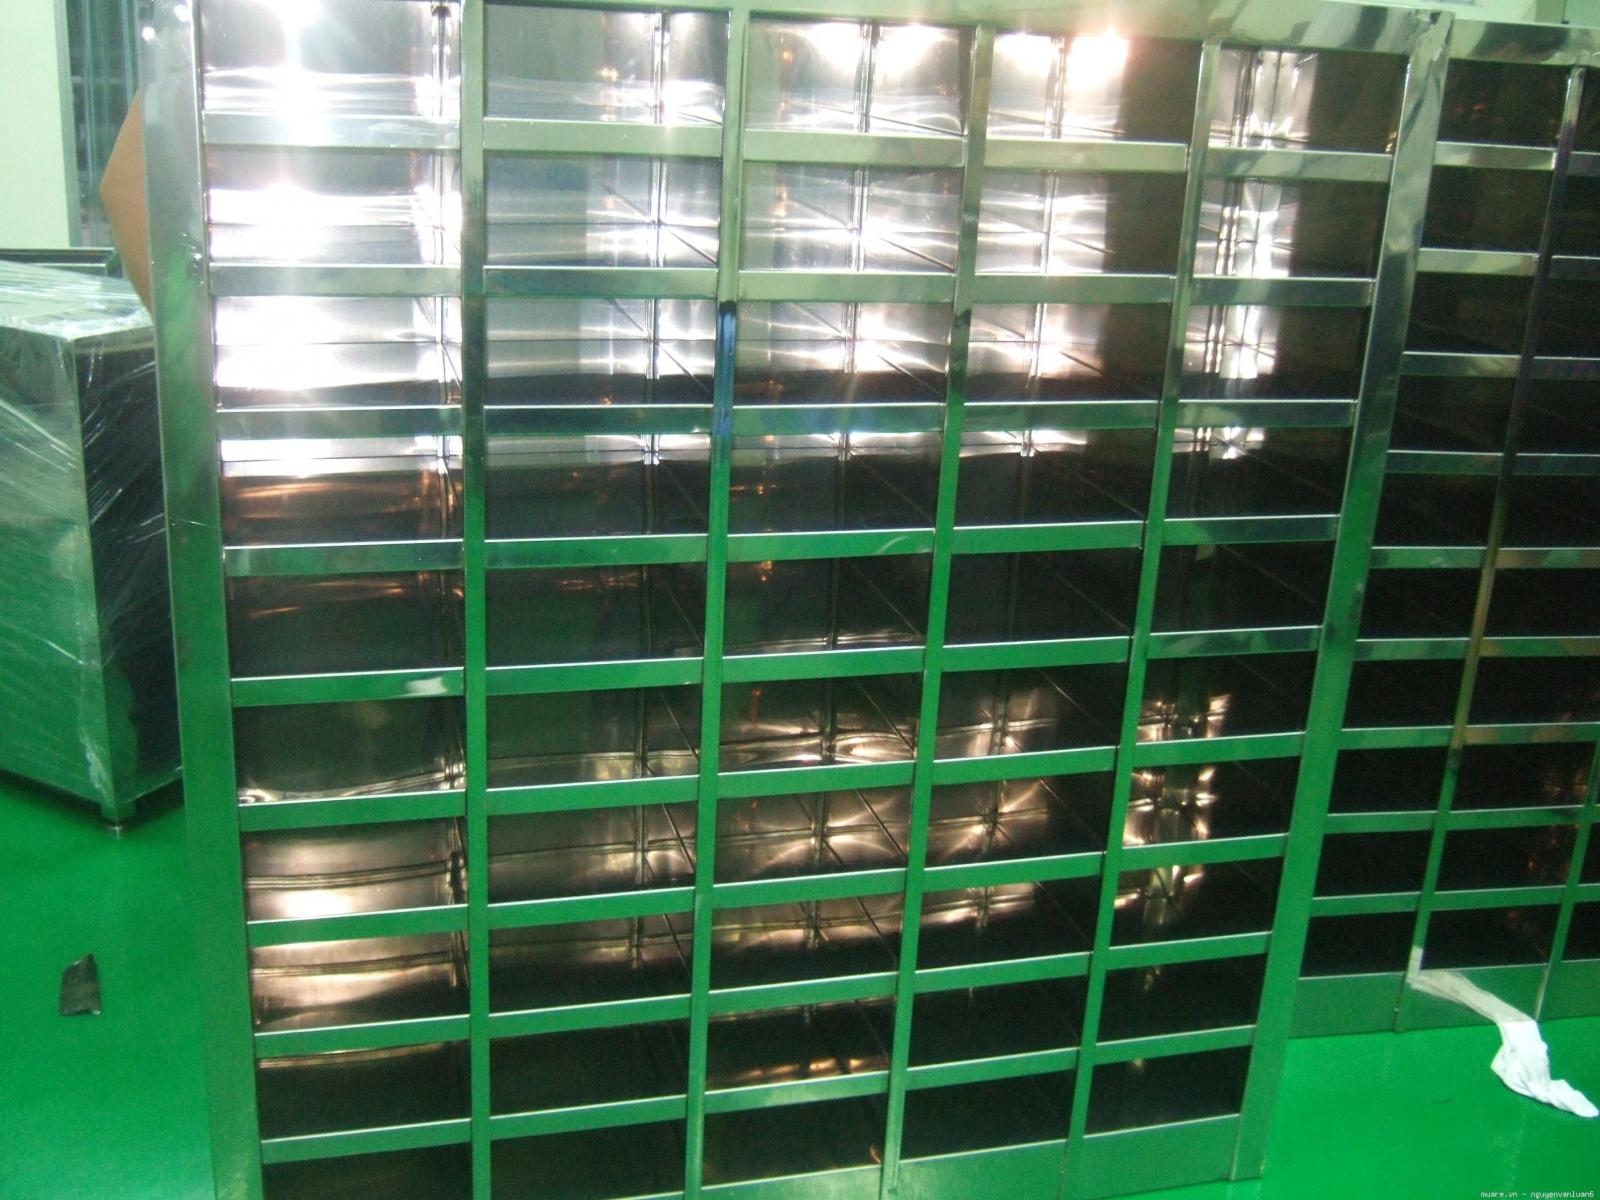 Tủ Inox để giầy phòng sạch